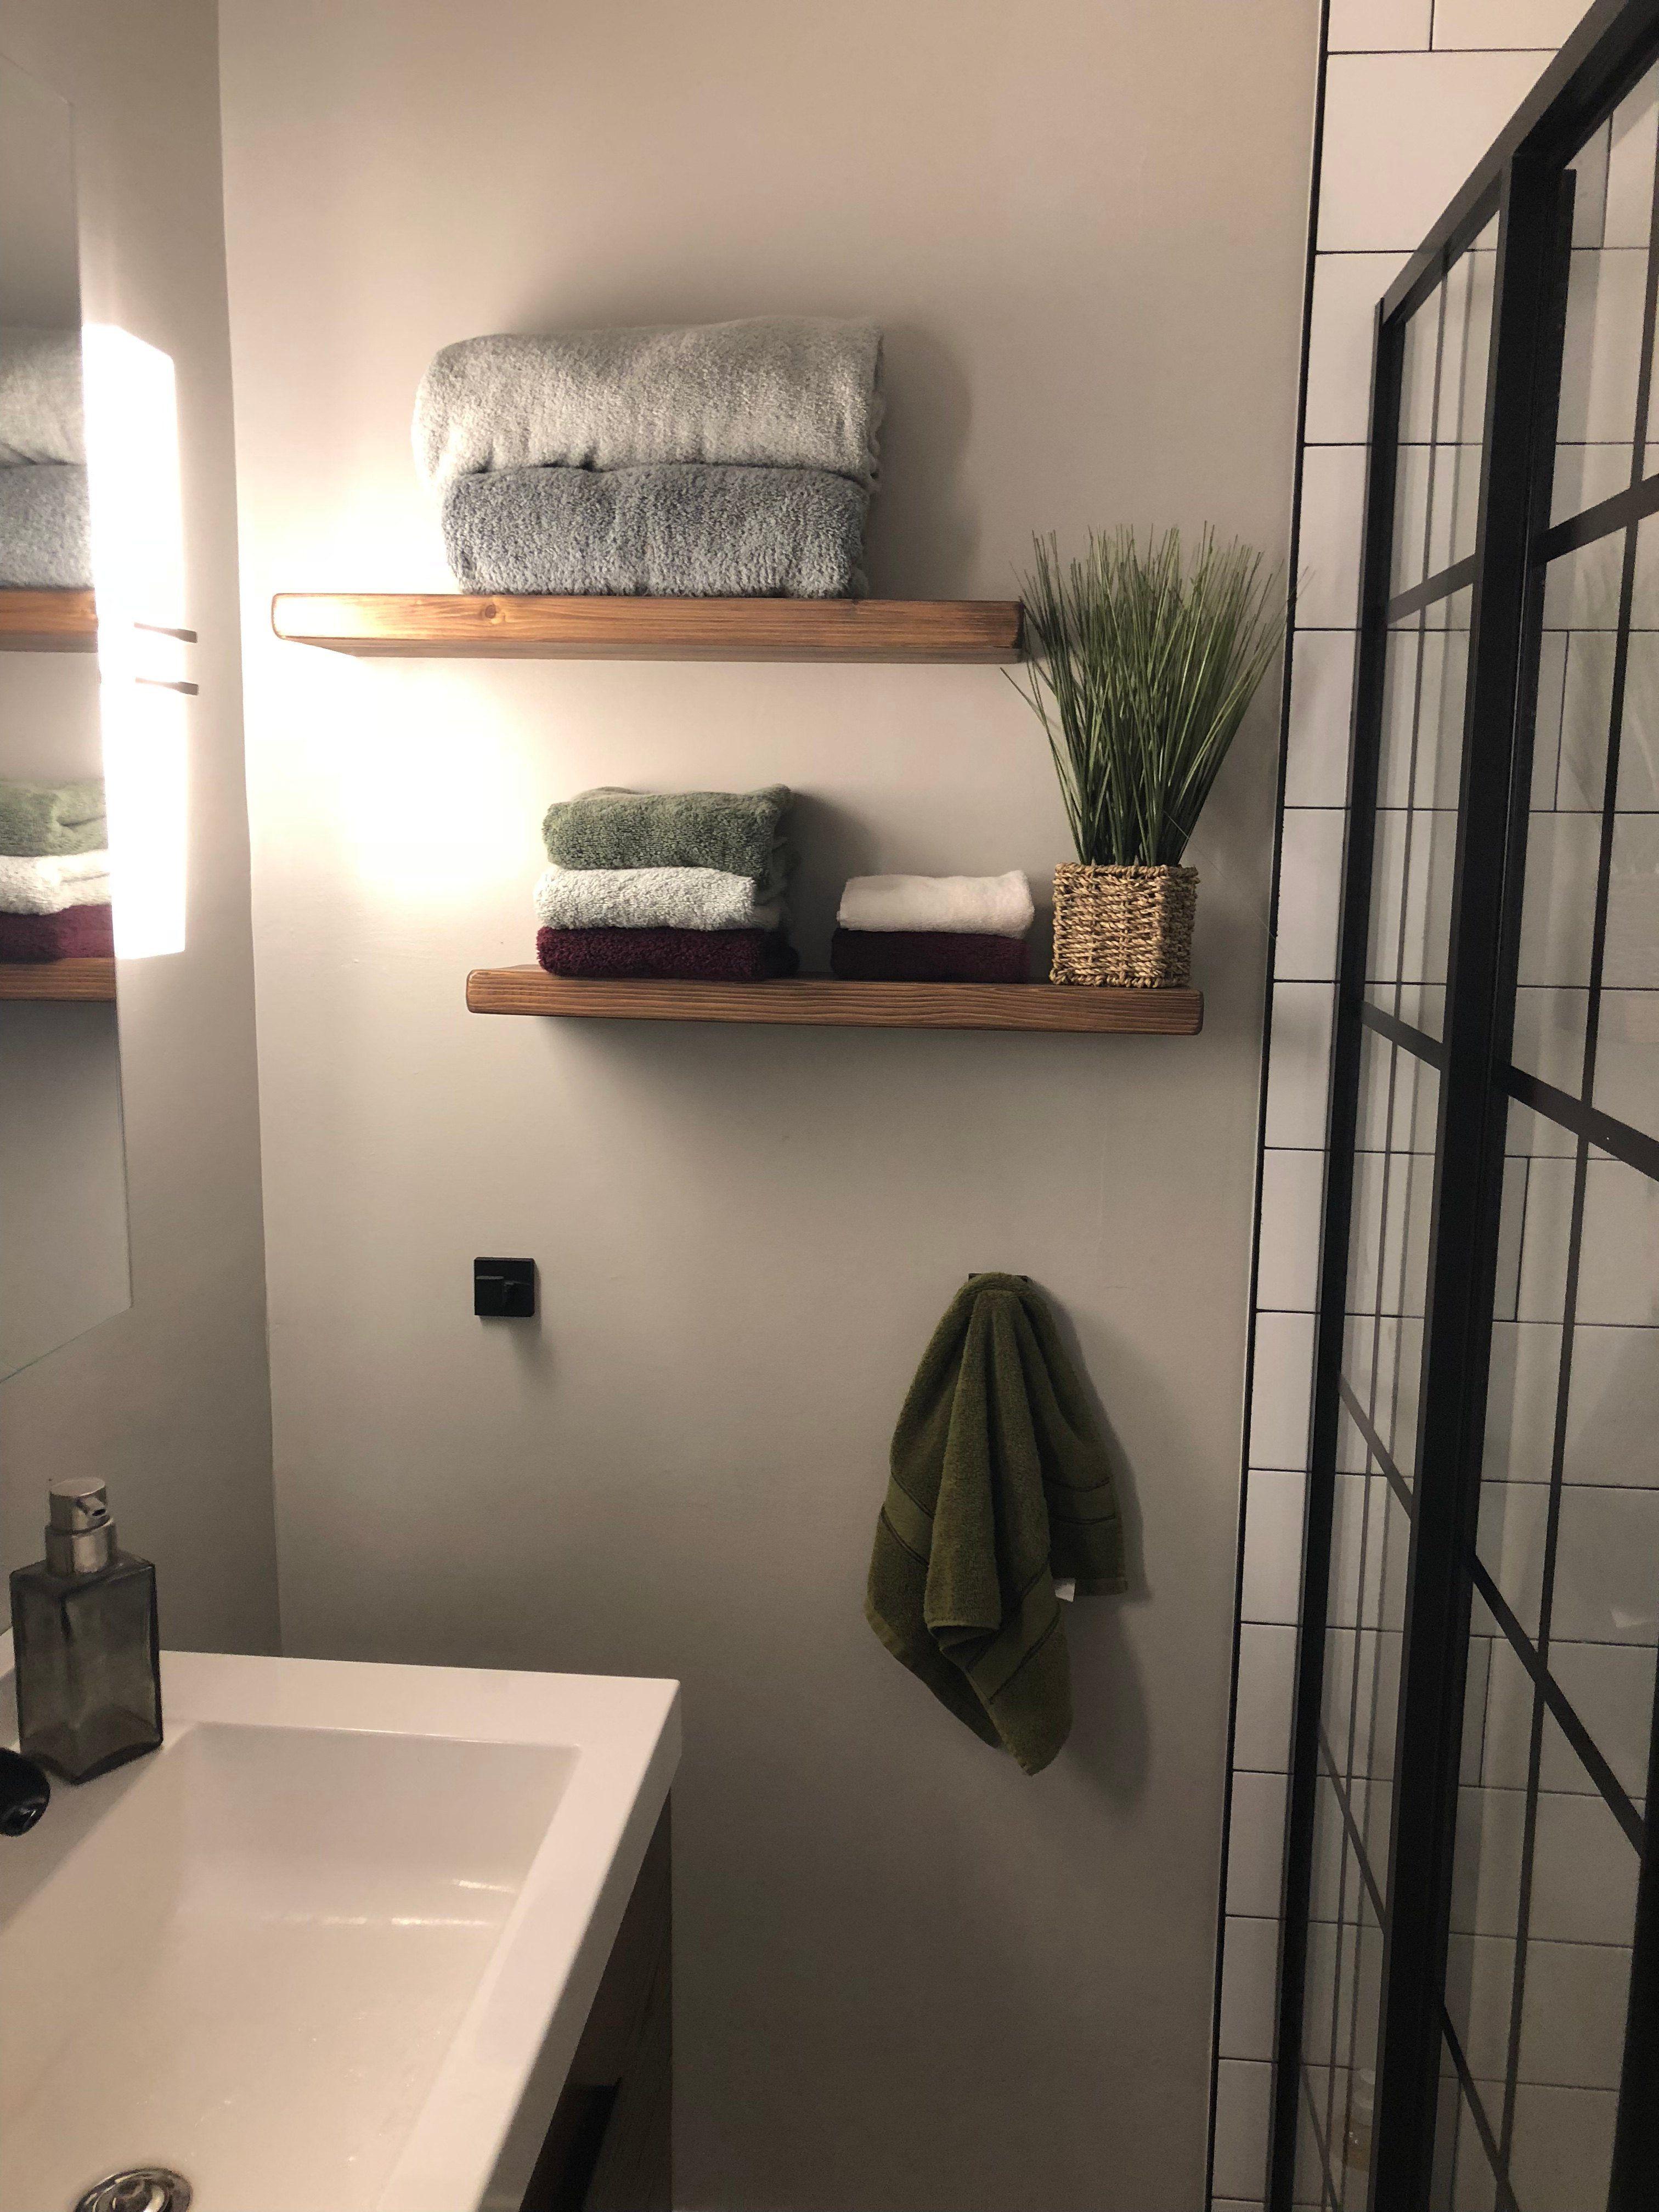 2 5 In 2020 Floating Shelves Shelves Bathroom Shelves